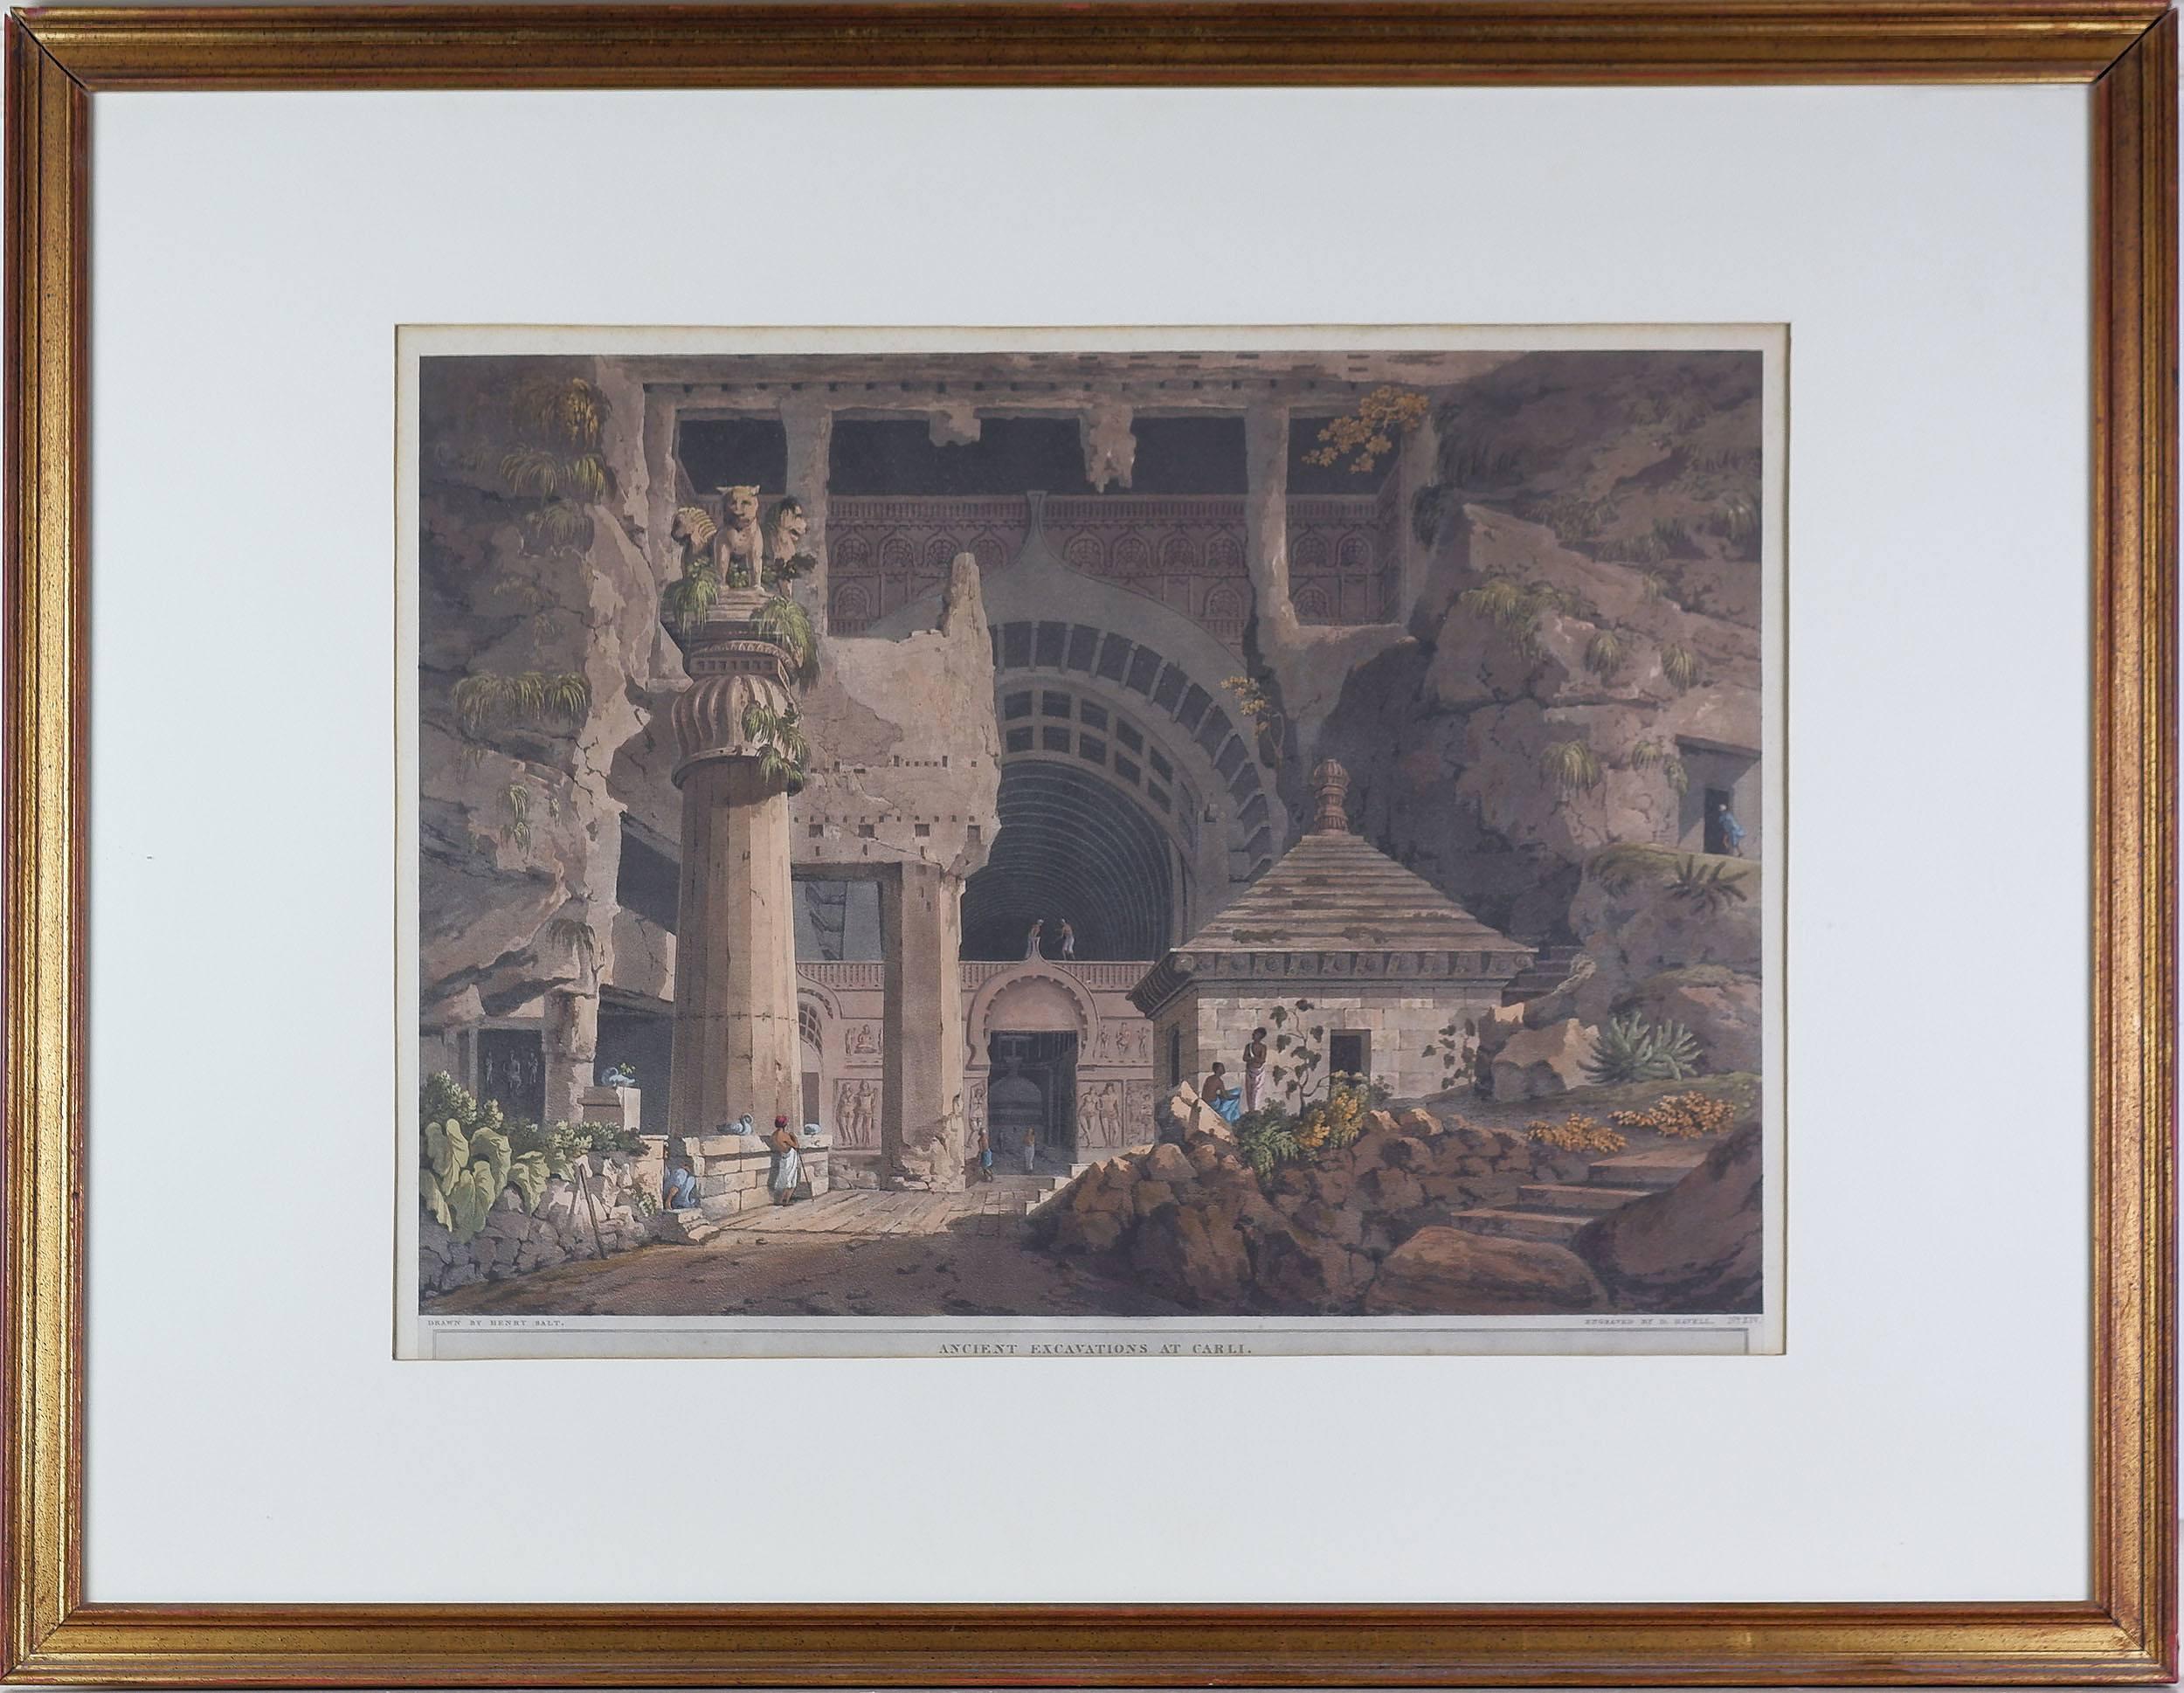 'Henry Salt (1780-1827) Ancient Excavations at Carli, Aquatint, Published 1809'